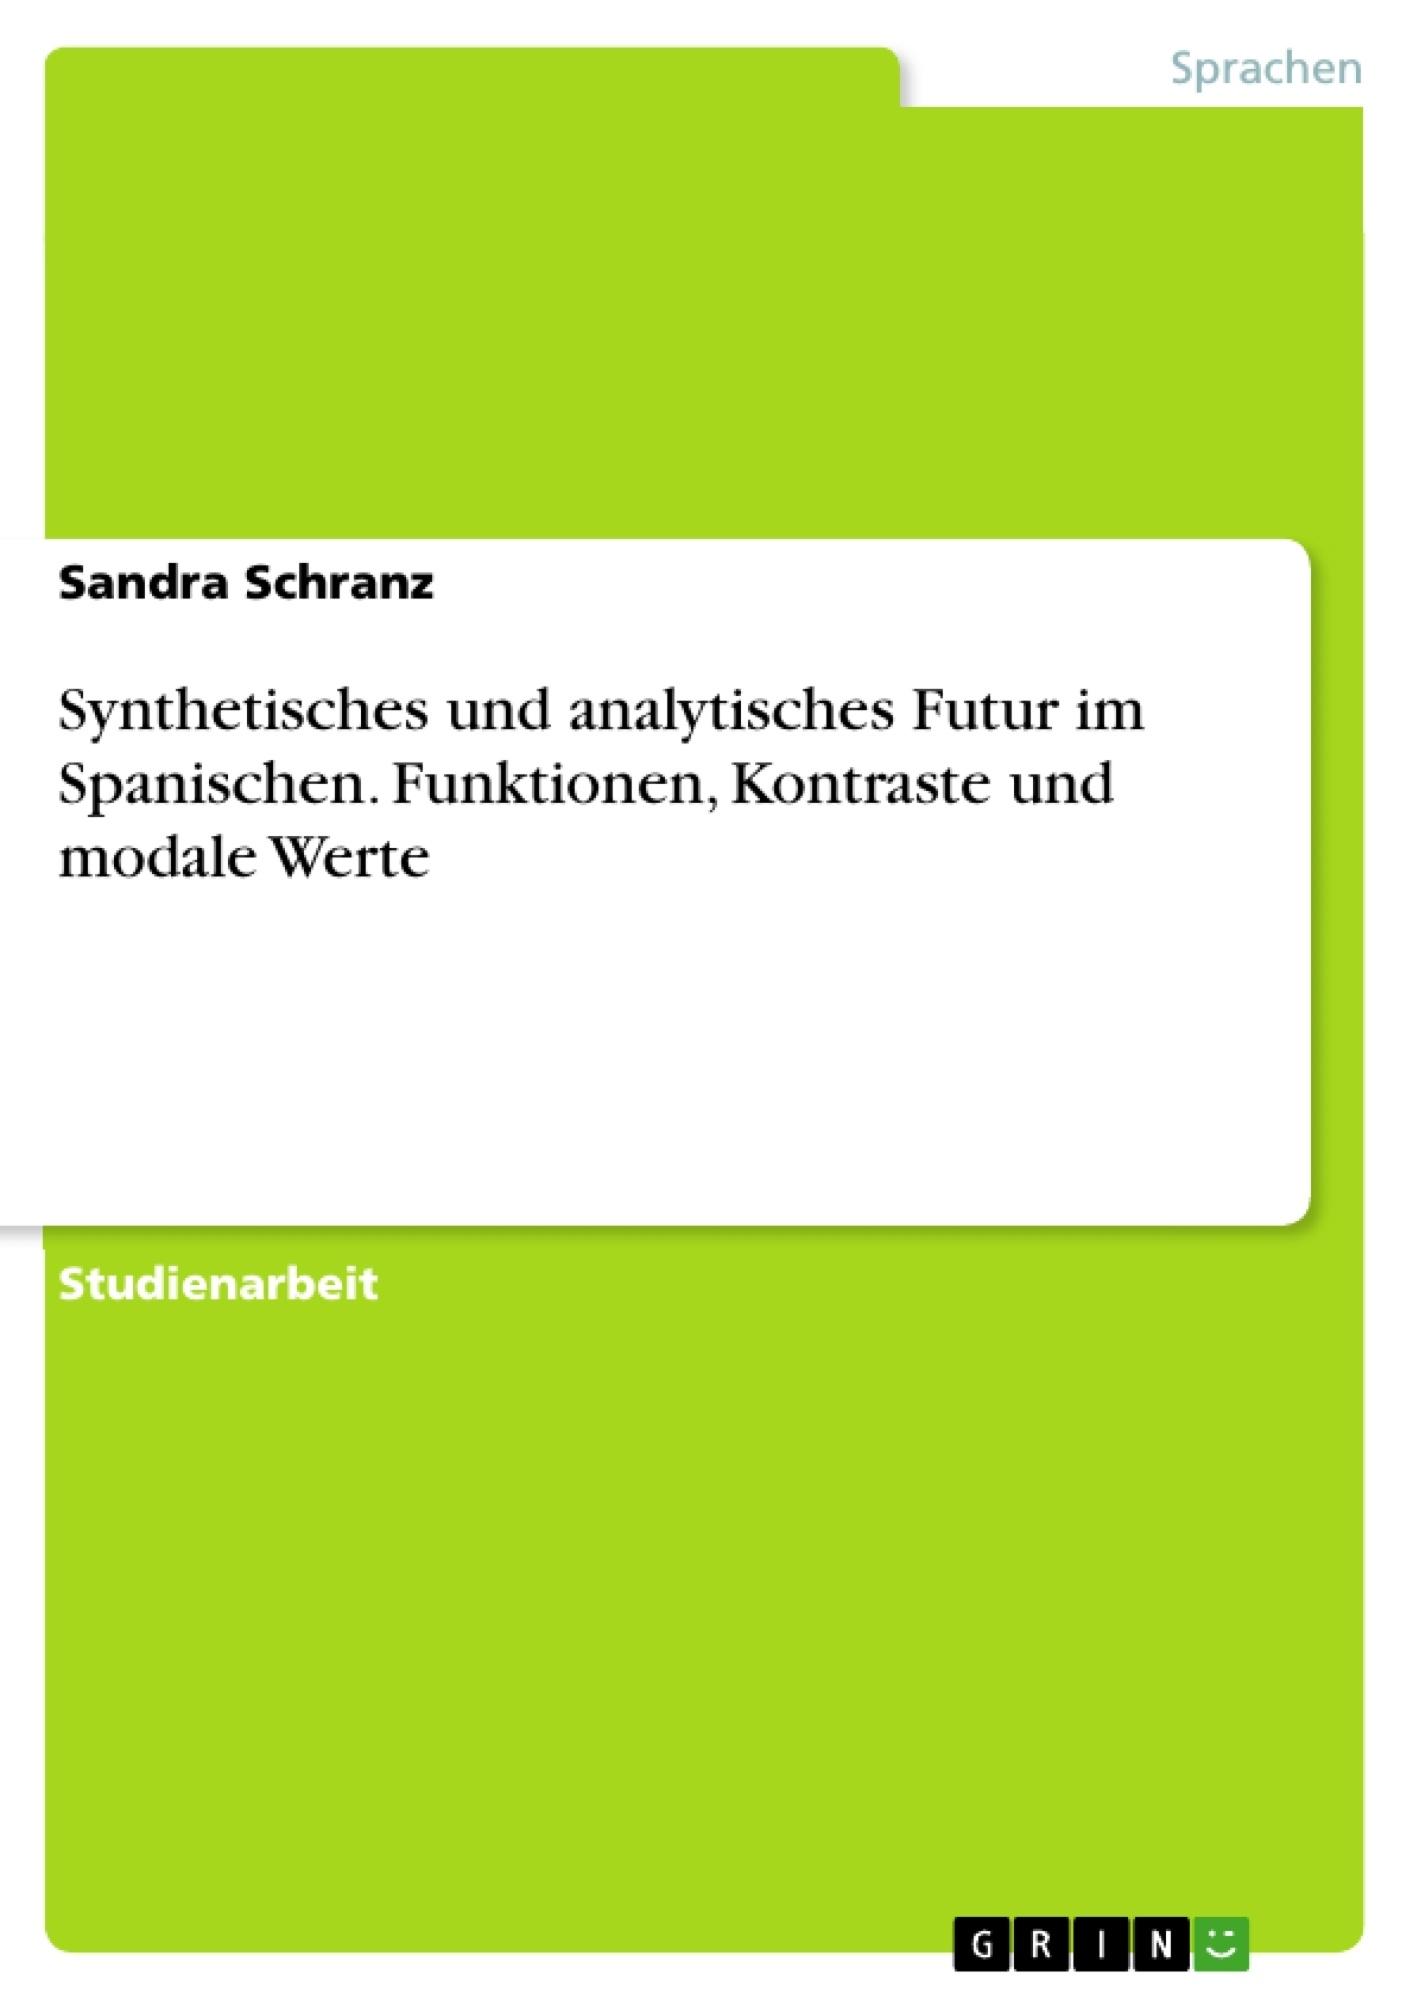 Titel: Synthetisches und analytisches Futur im Spanischen. Funktionen, Kontraste und modale Werte